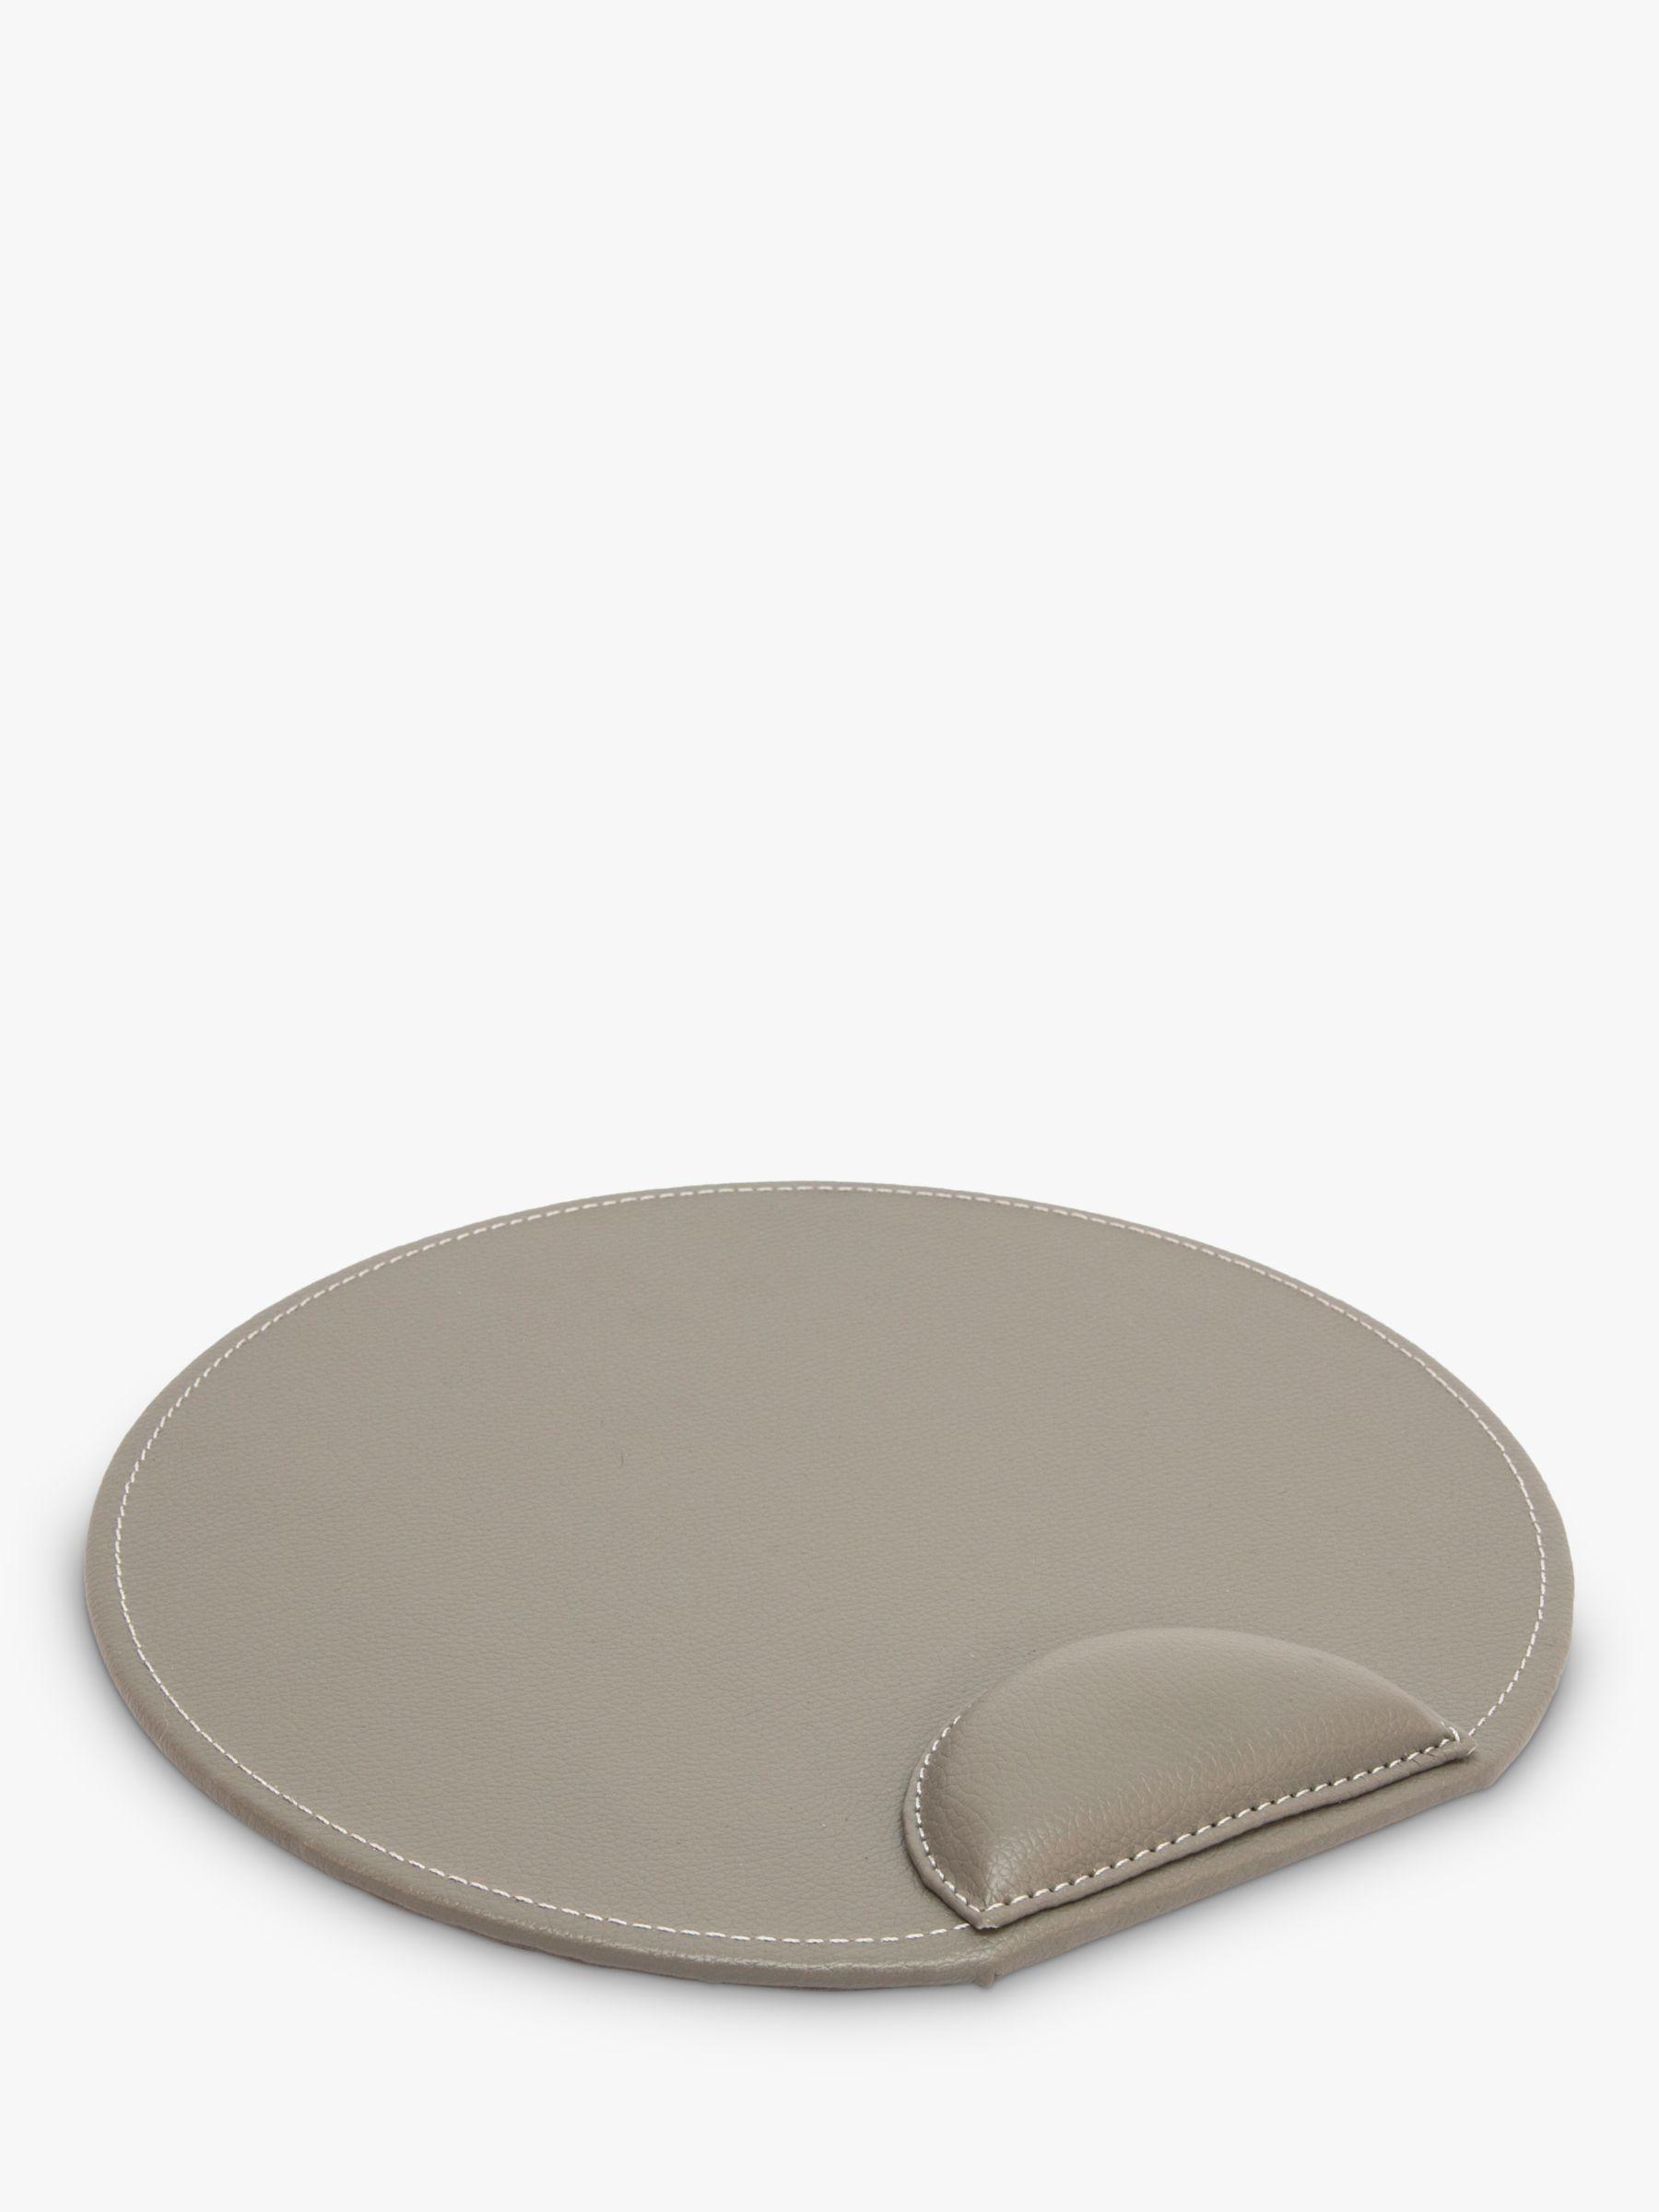 Osco Osco Faux Leather Mouse Mat